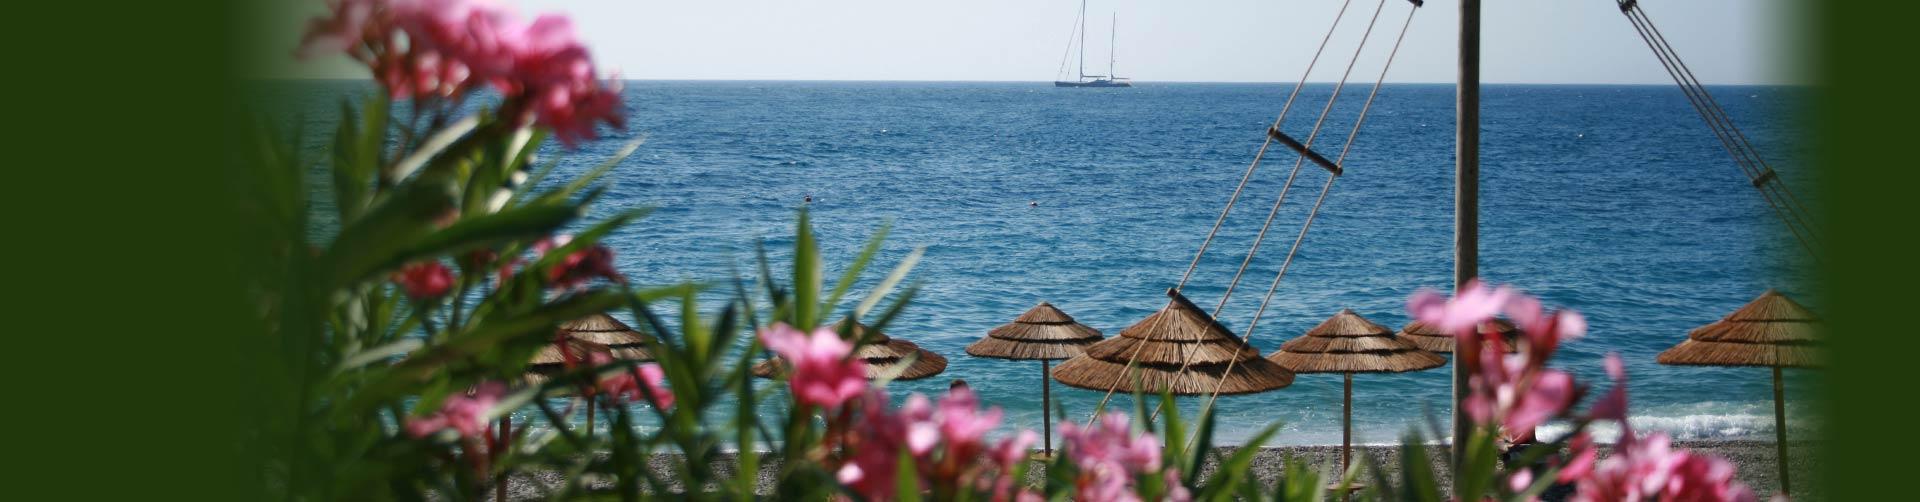 Hotel Sicilia sul mare